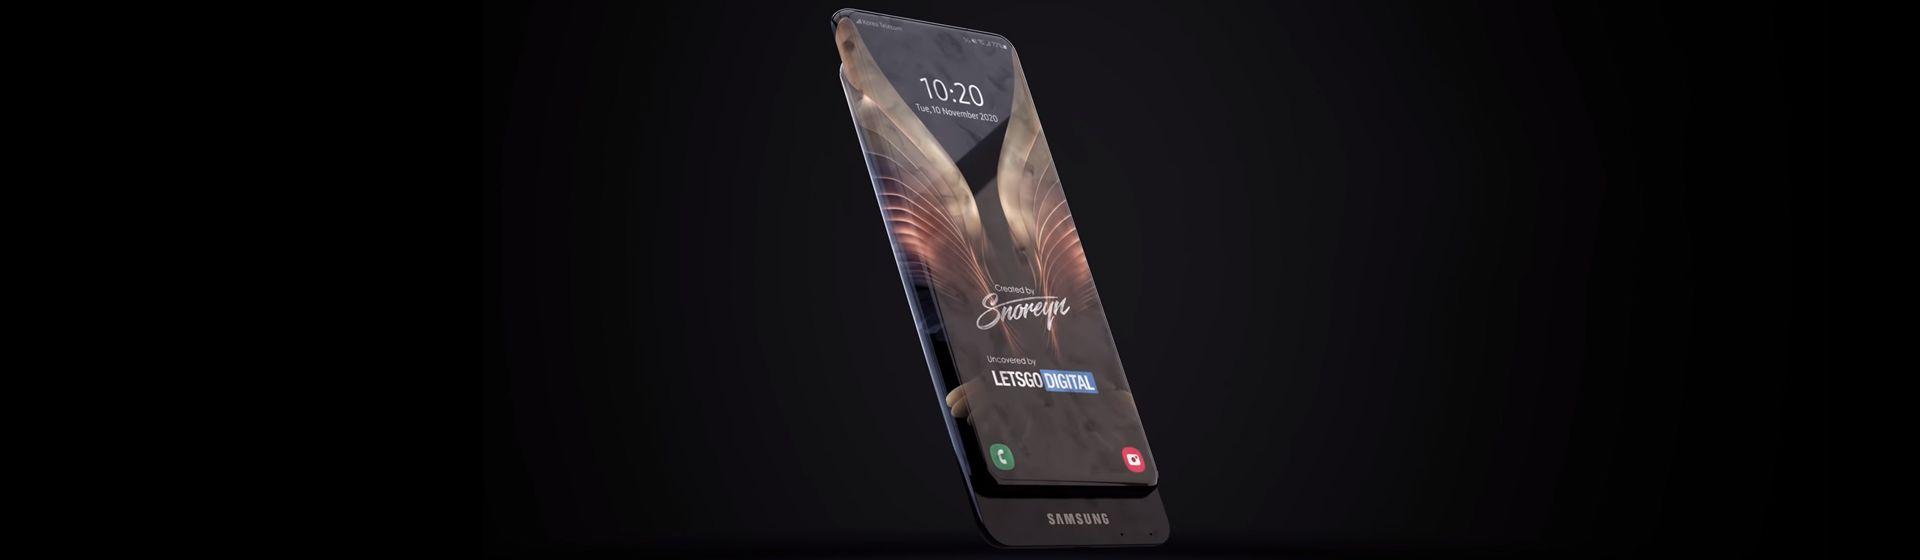 Celular com tela no corpo todo? Nova patente da Samsung mostra Galaxy com display gigante